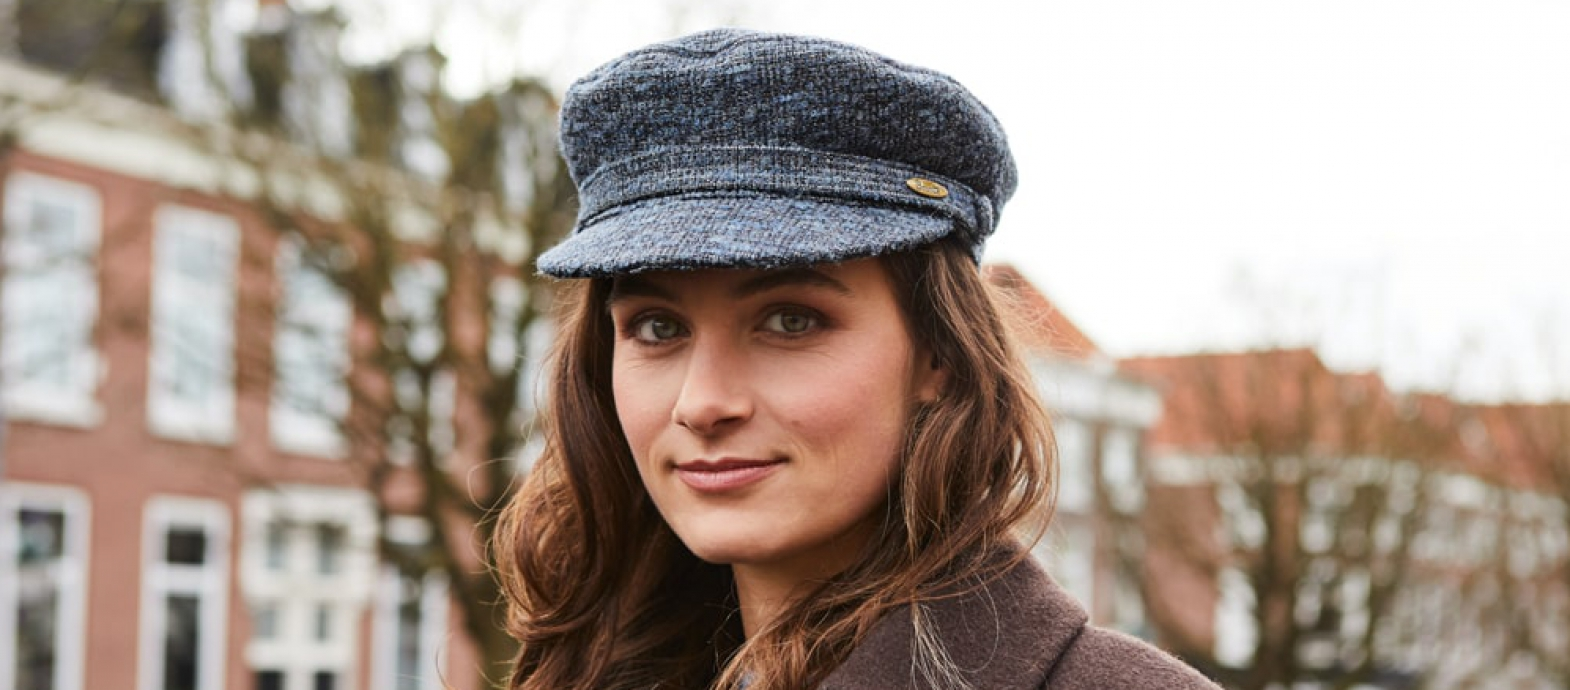 Bronte- shipper- sailor winter cap- blue grey